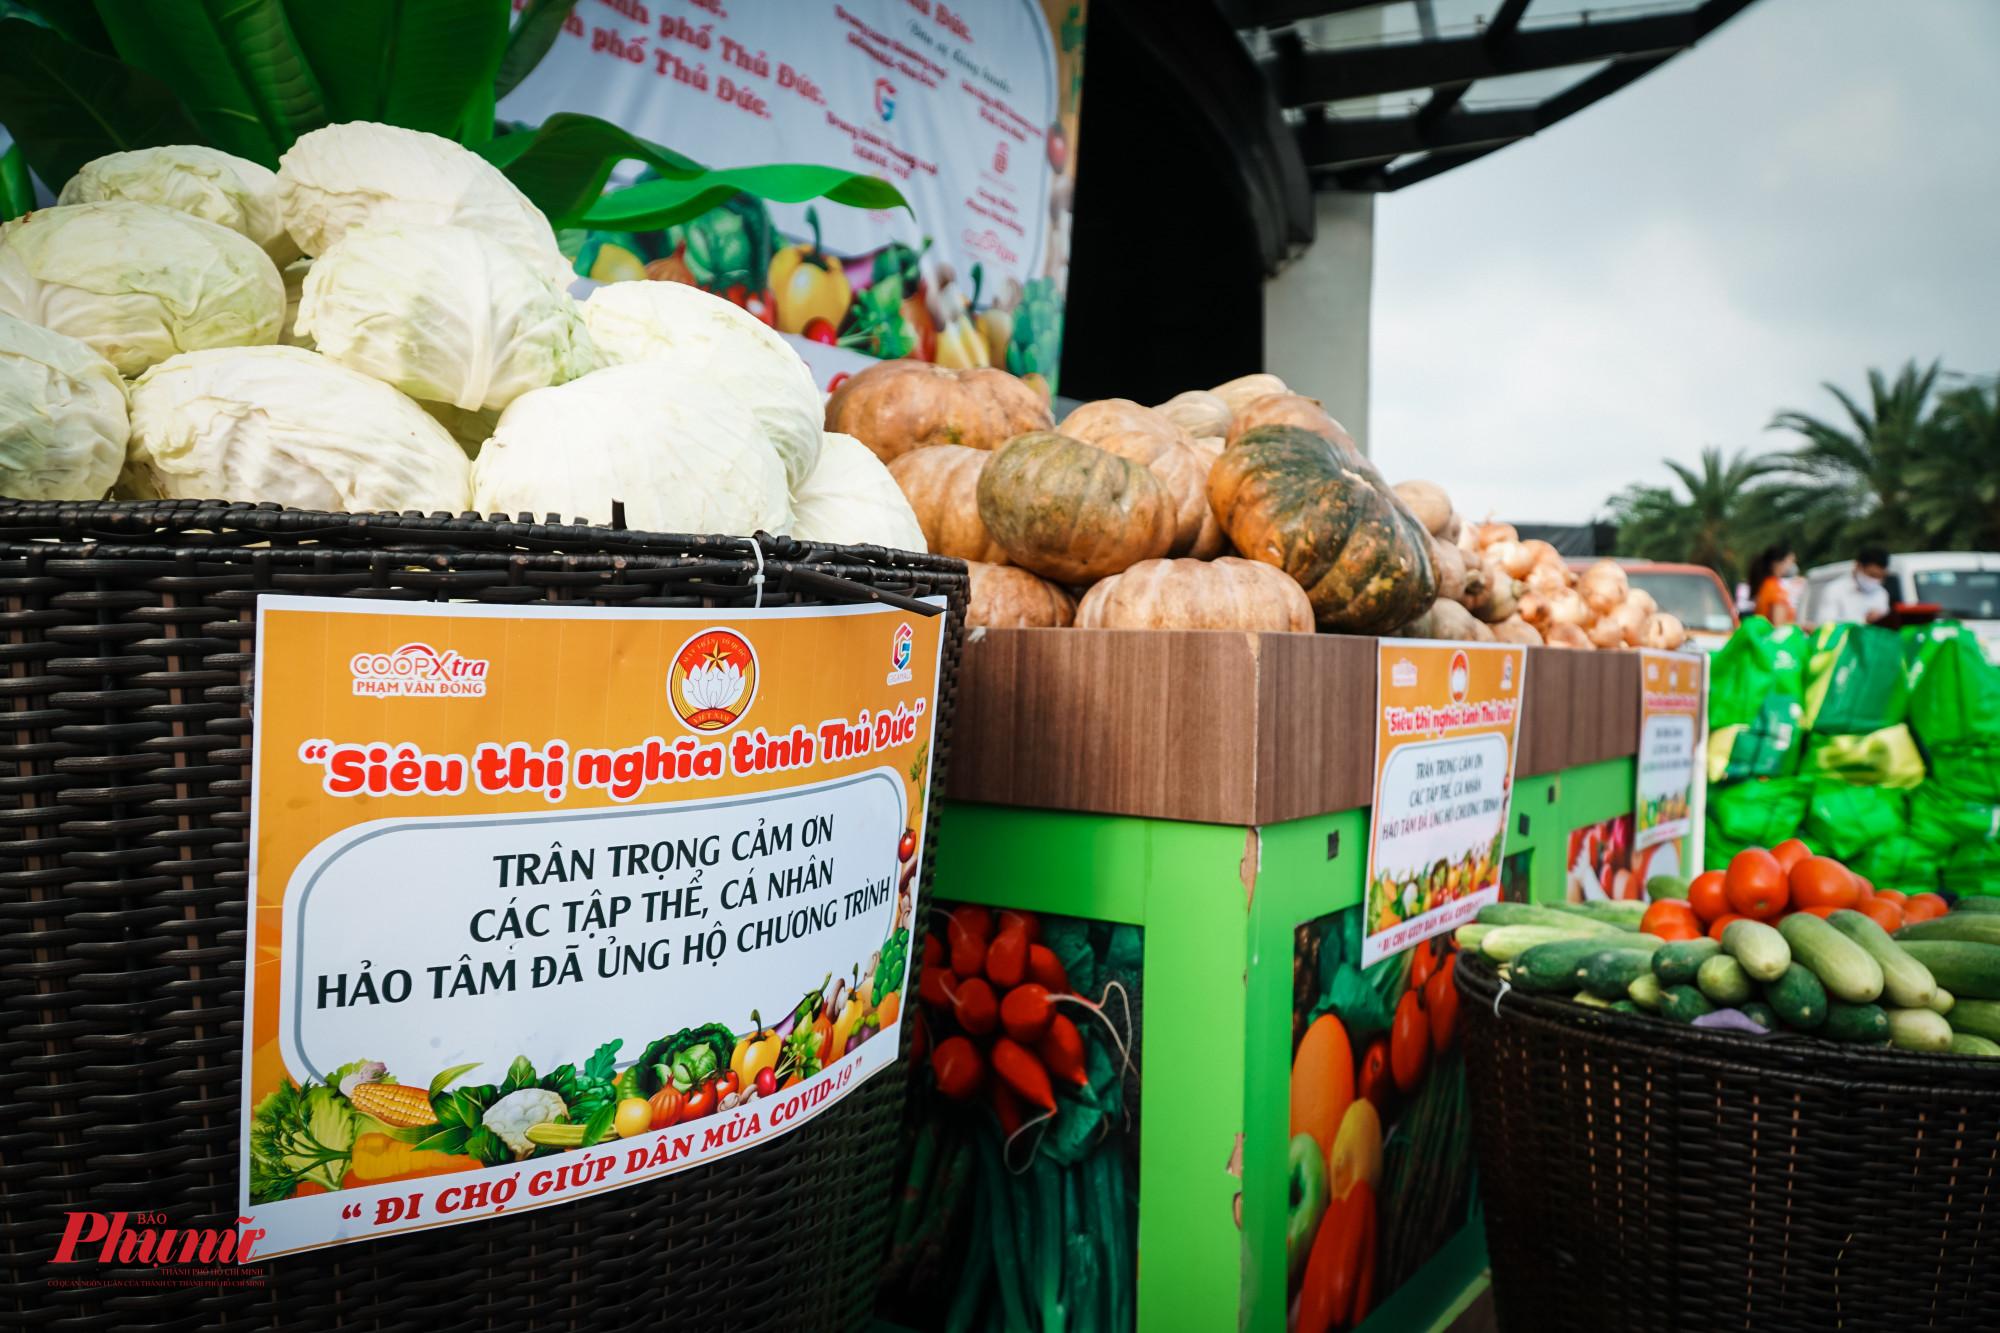 Những rau, củ quả thông dụng được ưu tiên cung cấp cho người dân